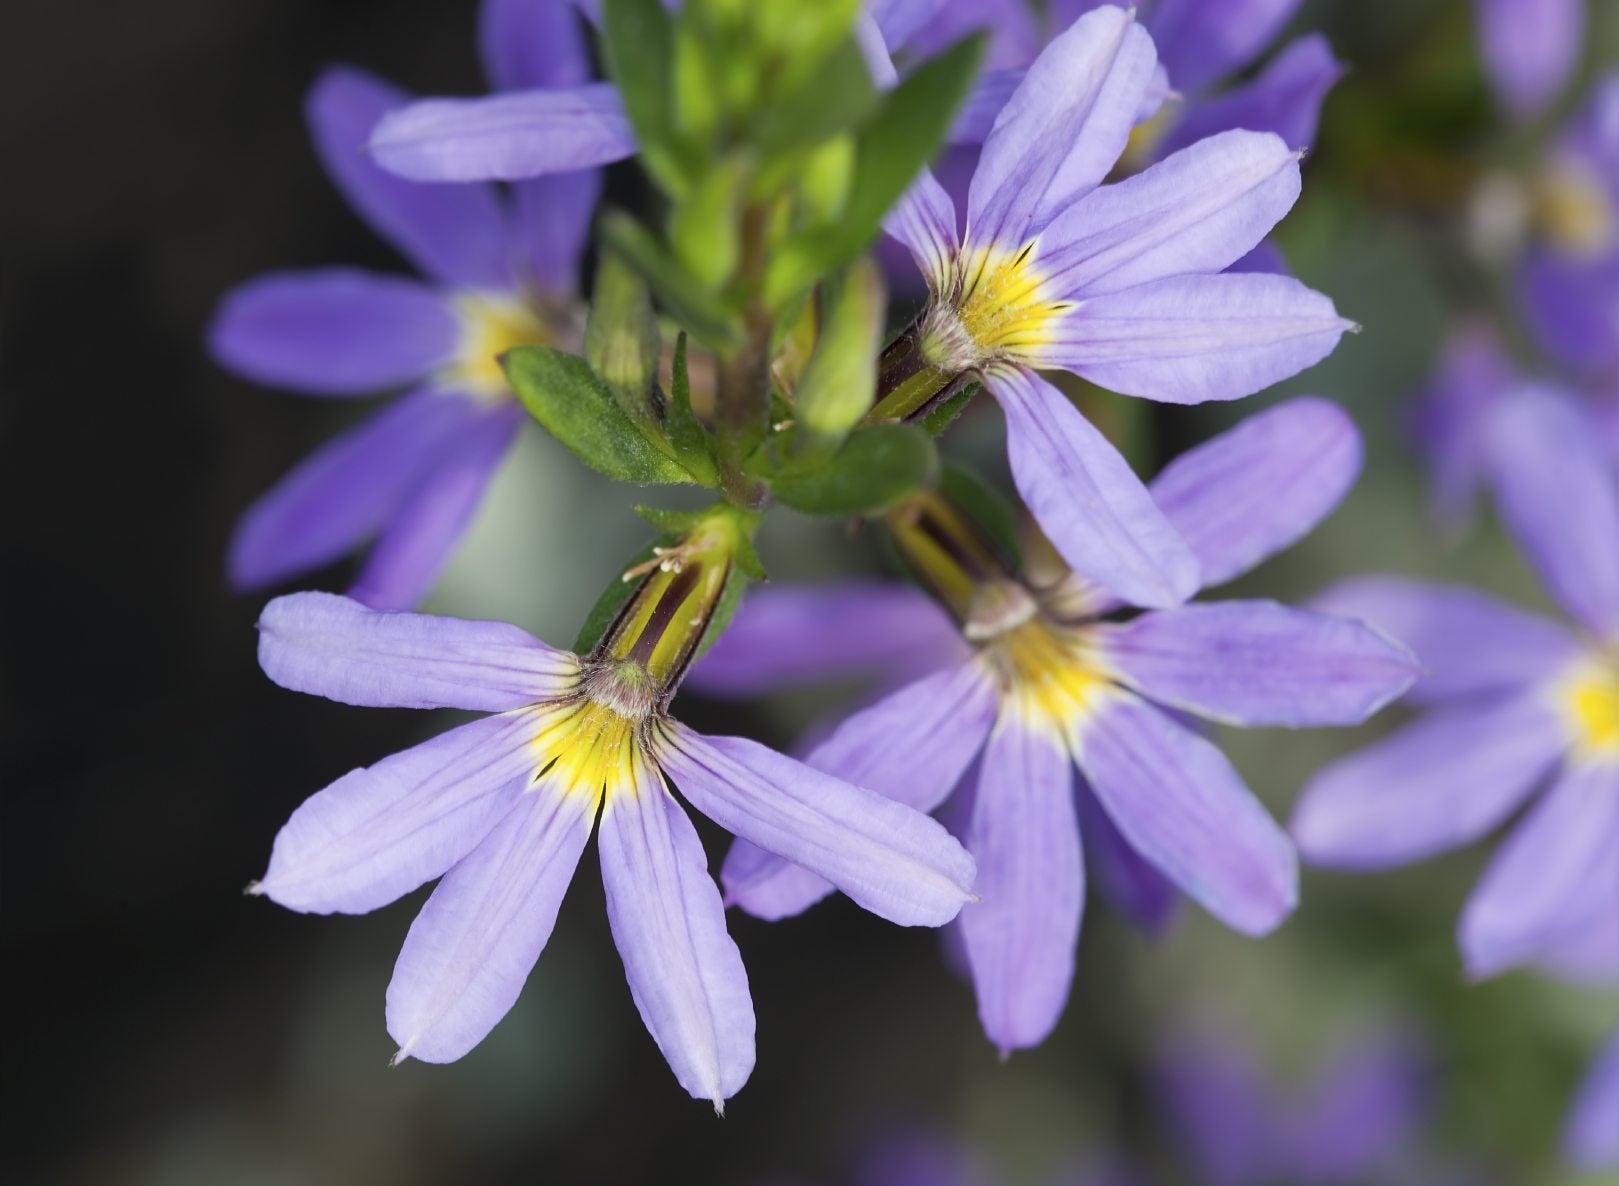 Scaevola Fan Flower Info - How To Grow Fairy Fan Flowers